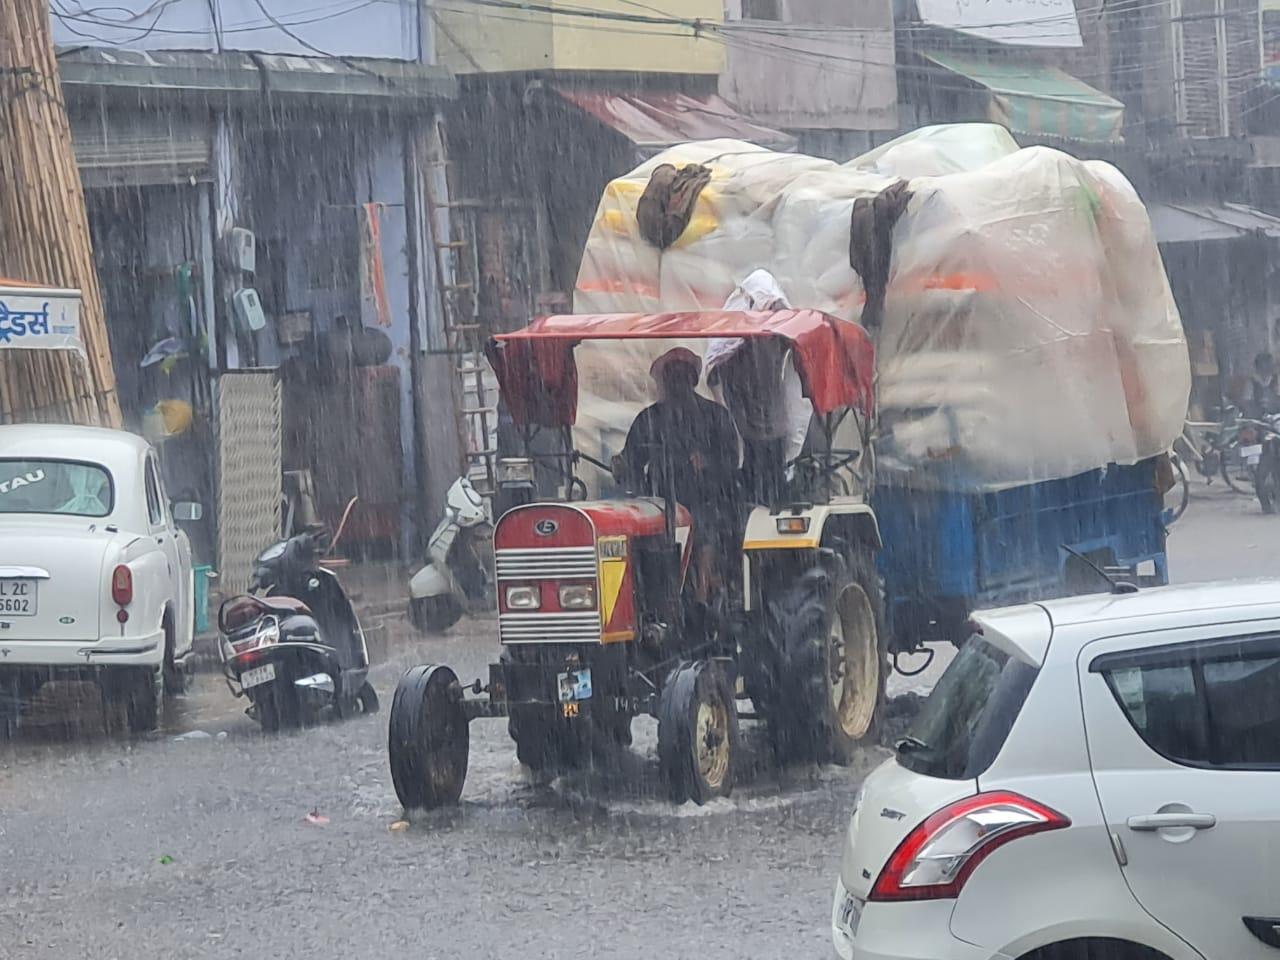 रेवाड़ी से गुरुग्राम तक तेज बारिश, महेन्द्रगढ़ में बूंदाबांदी; कई जगह जलभराव, फसलों के लिए भी नुकसानदायक|रेवाड़ी,Rewari - Dainik Bhaskar